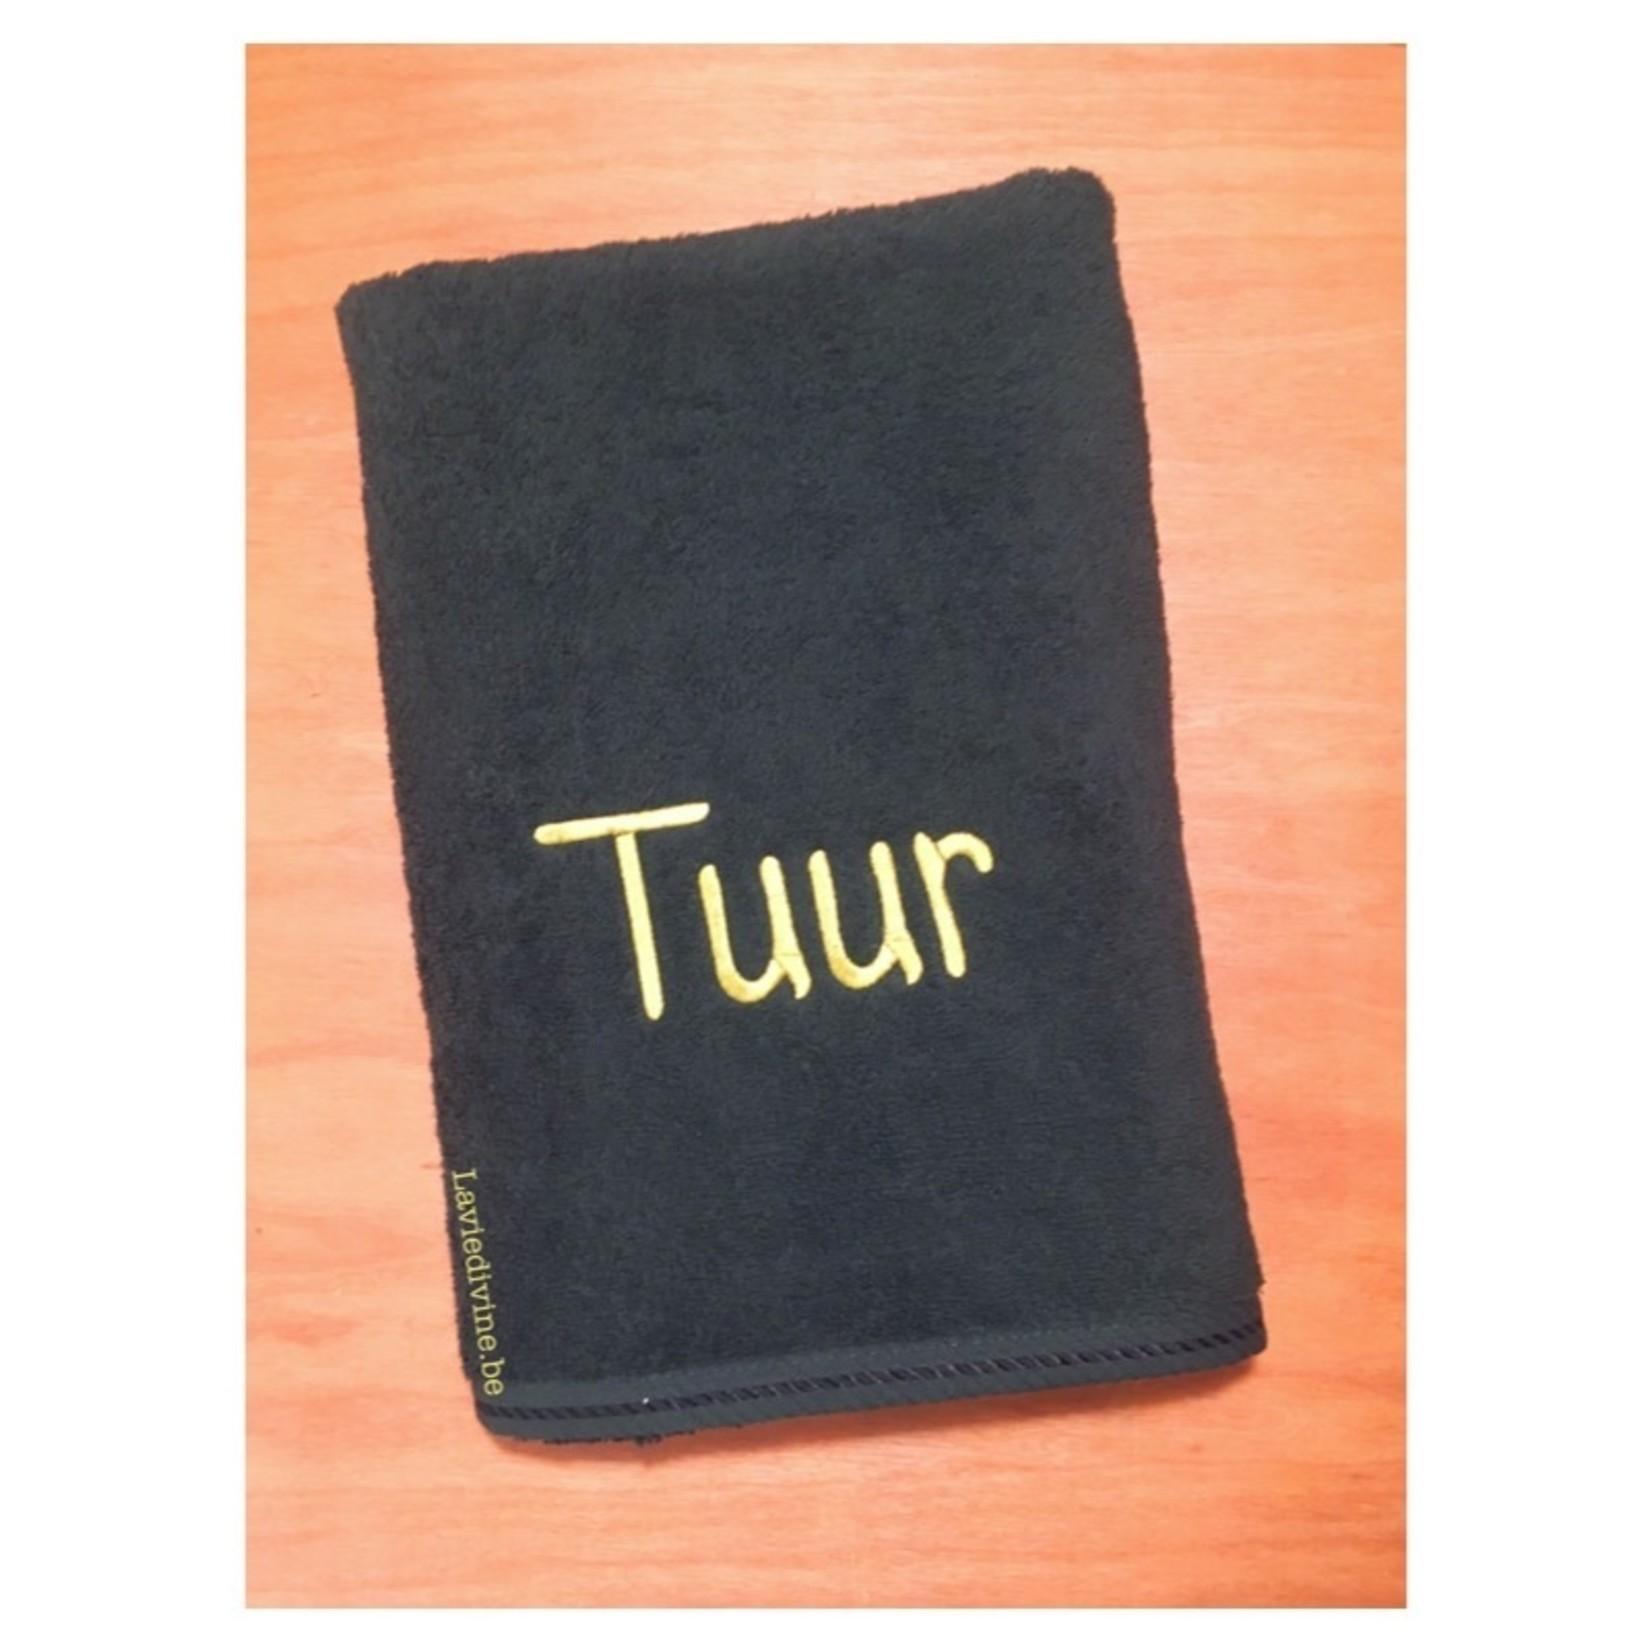 ARTG Handdoek met naam (500g)